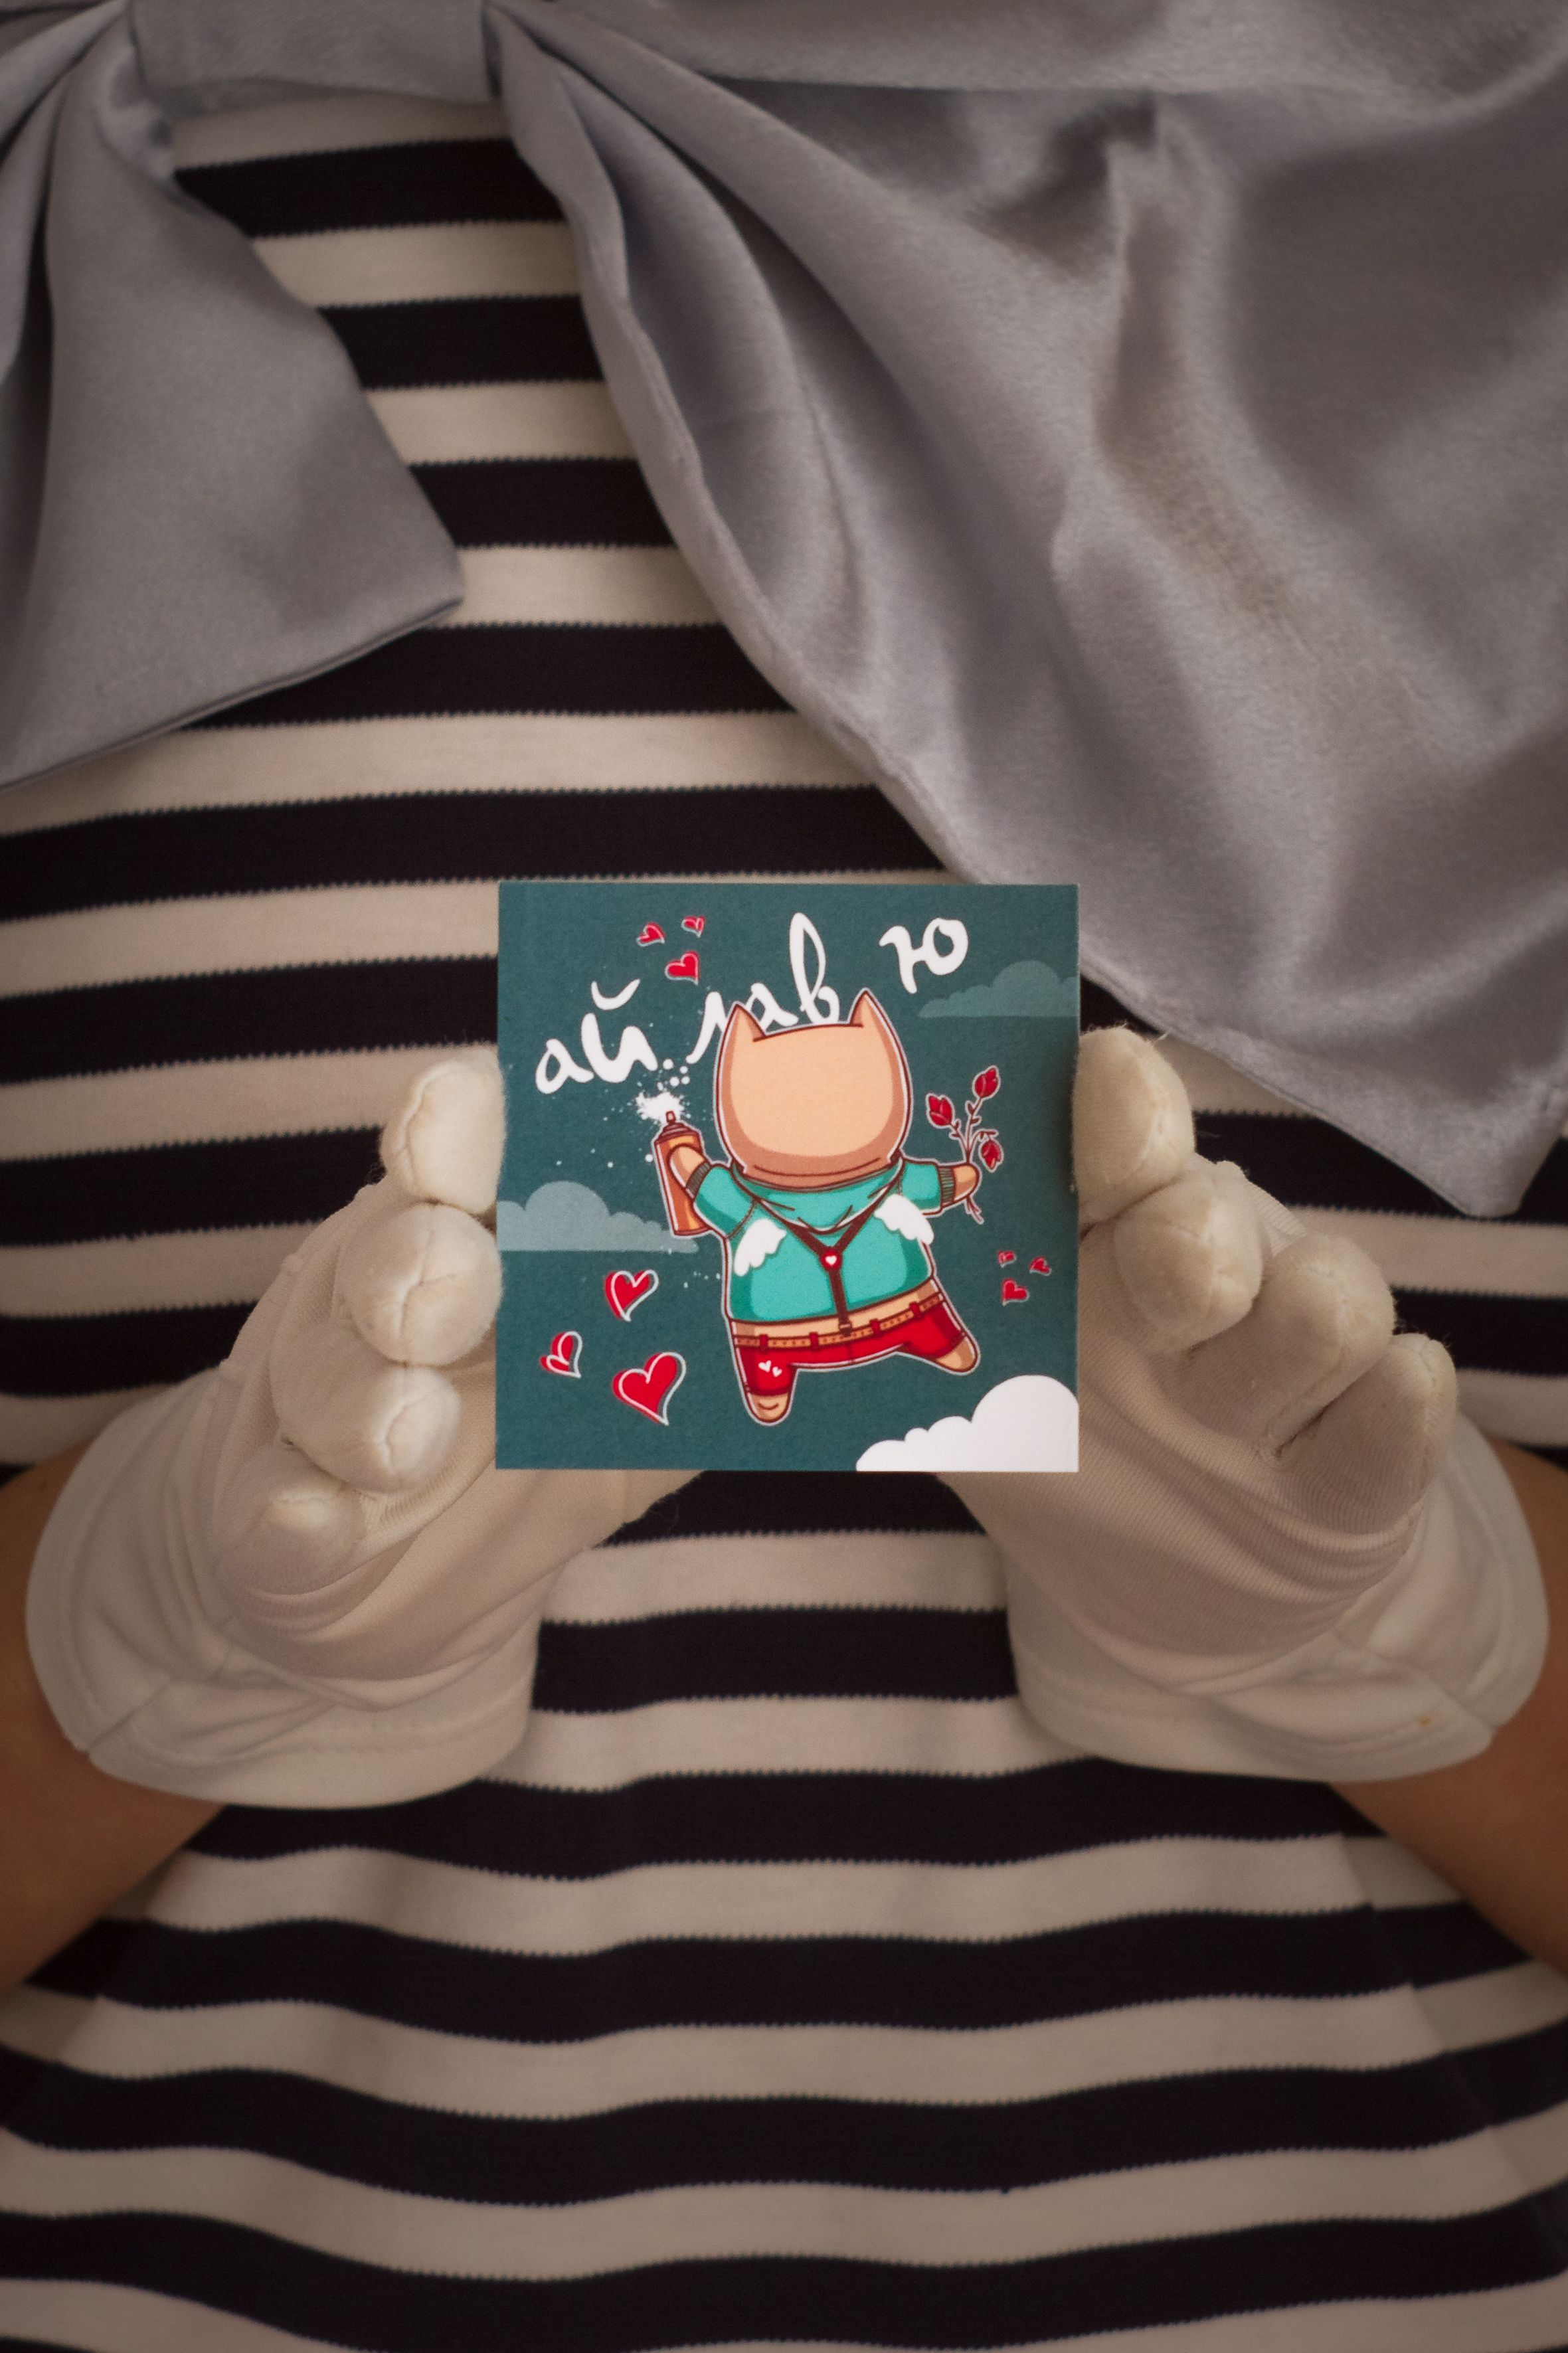 знаквнимания gift сюрприз giftcard surprise remembrance открытка подарок